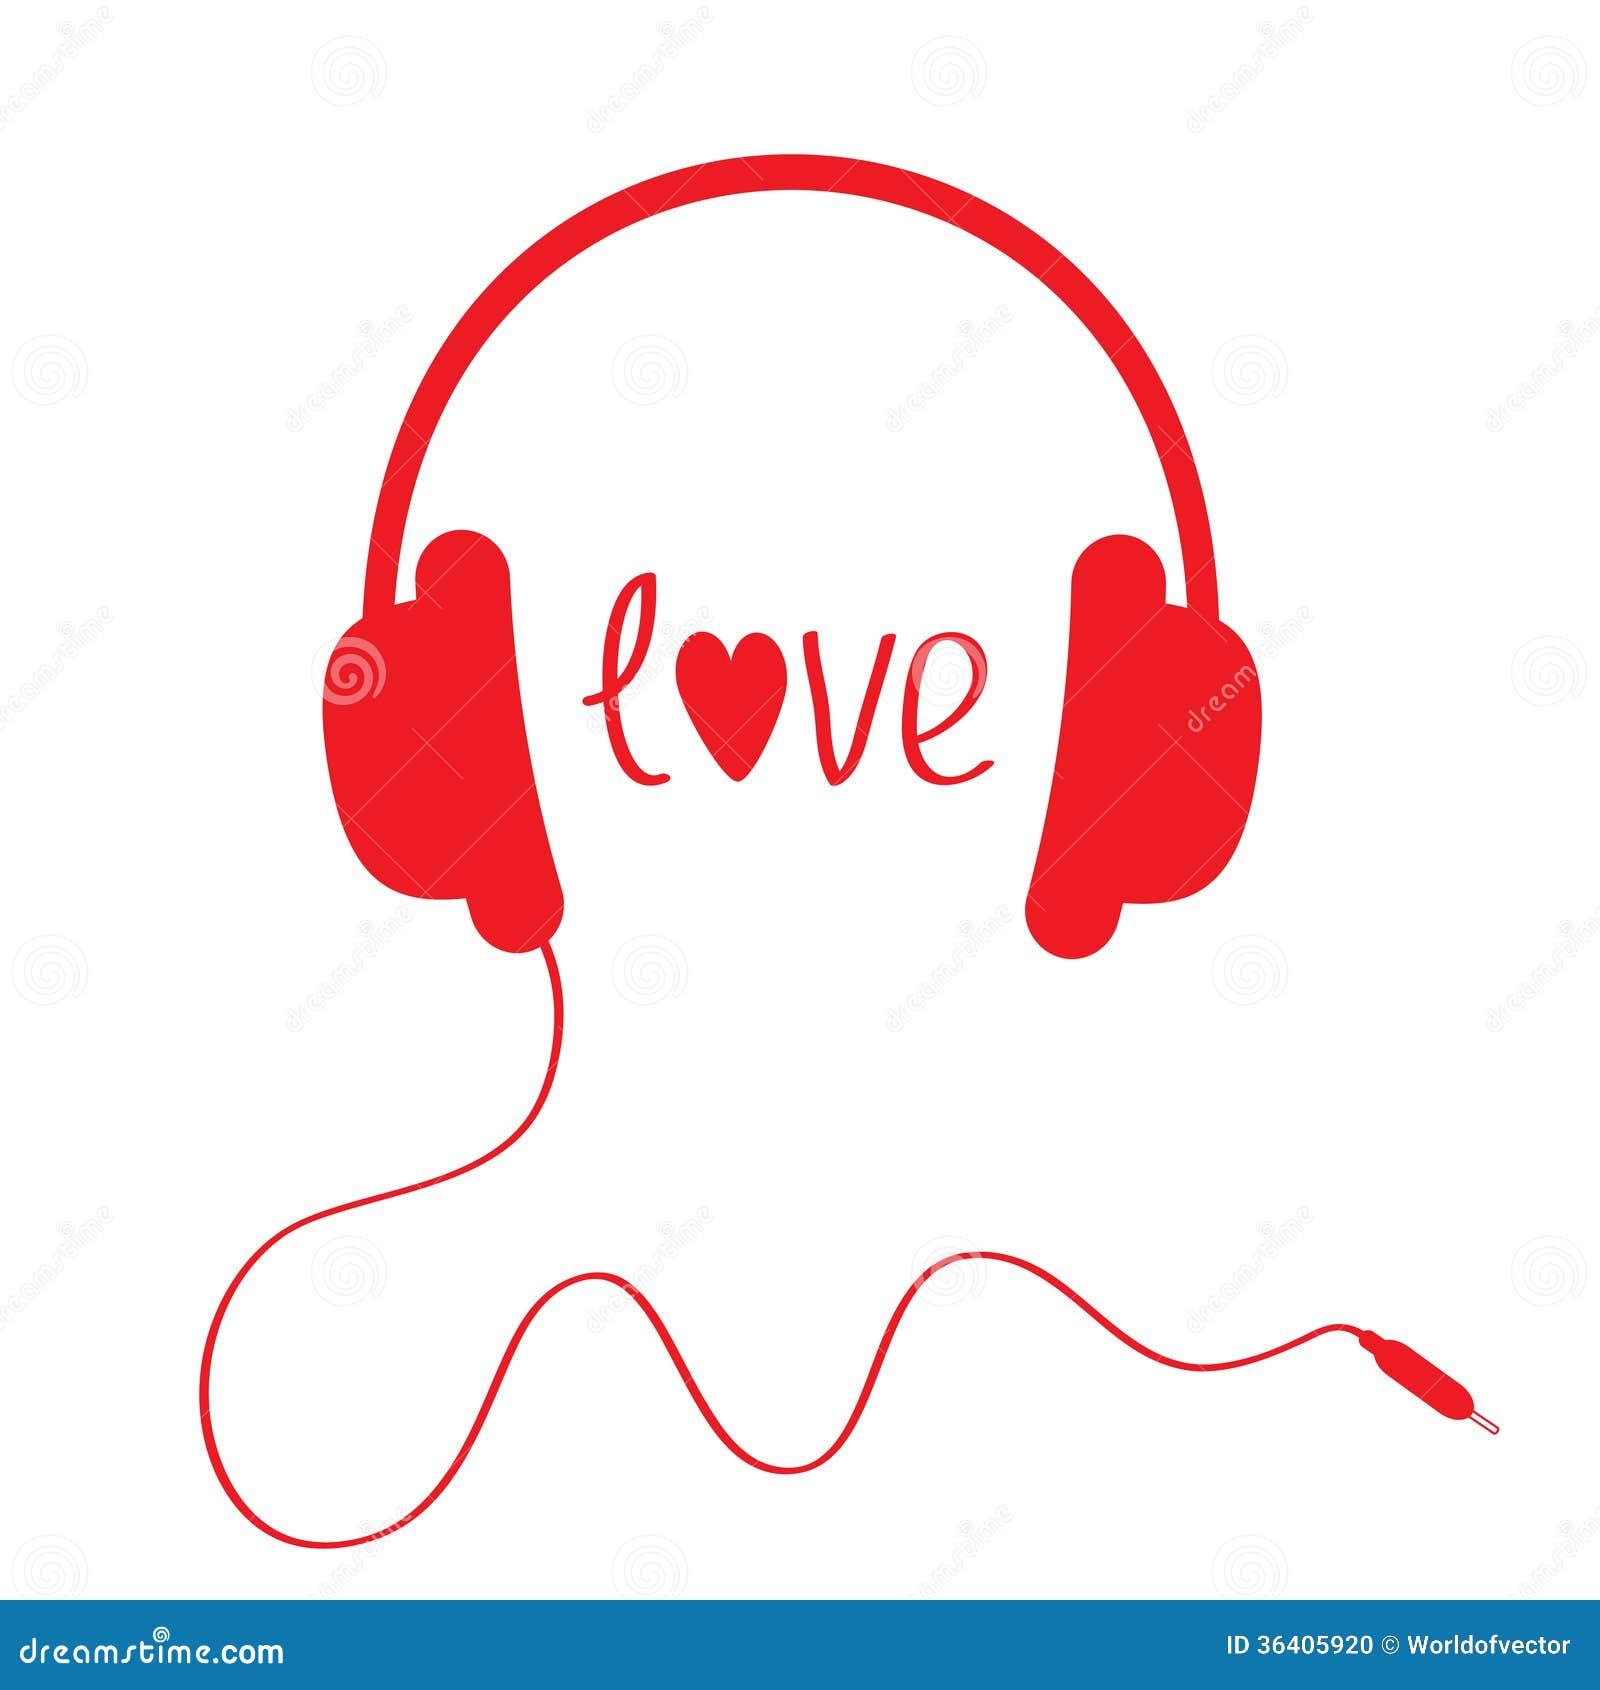 Rote Kopfhörer Mit Schnur. Lokalisiert. Liebeskarte. Vektor ...